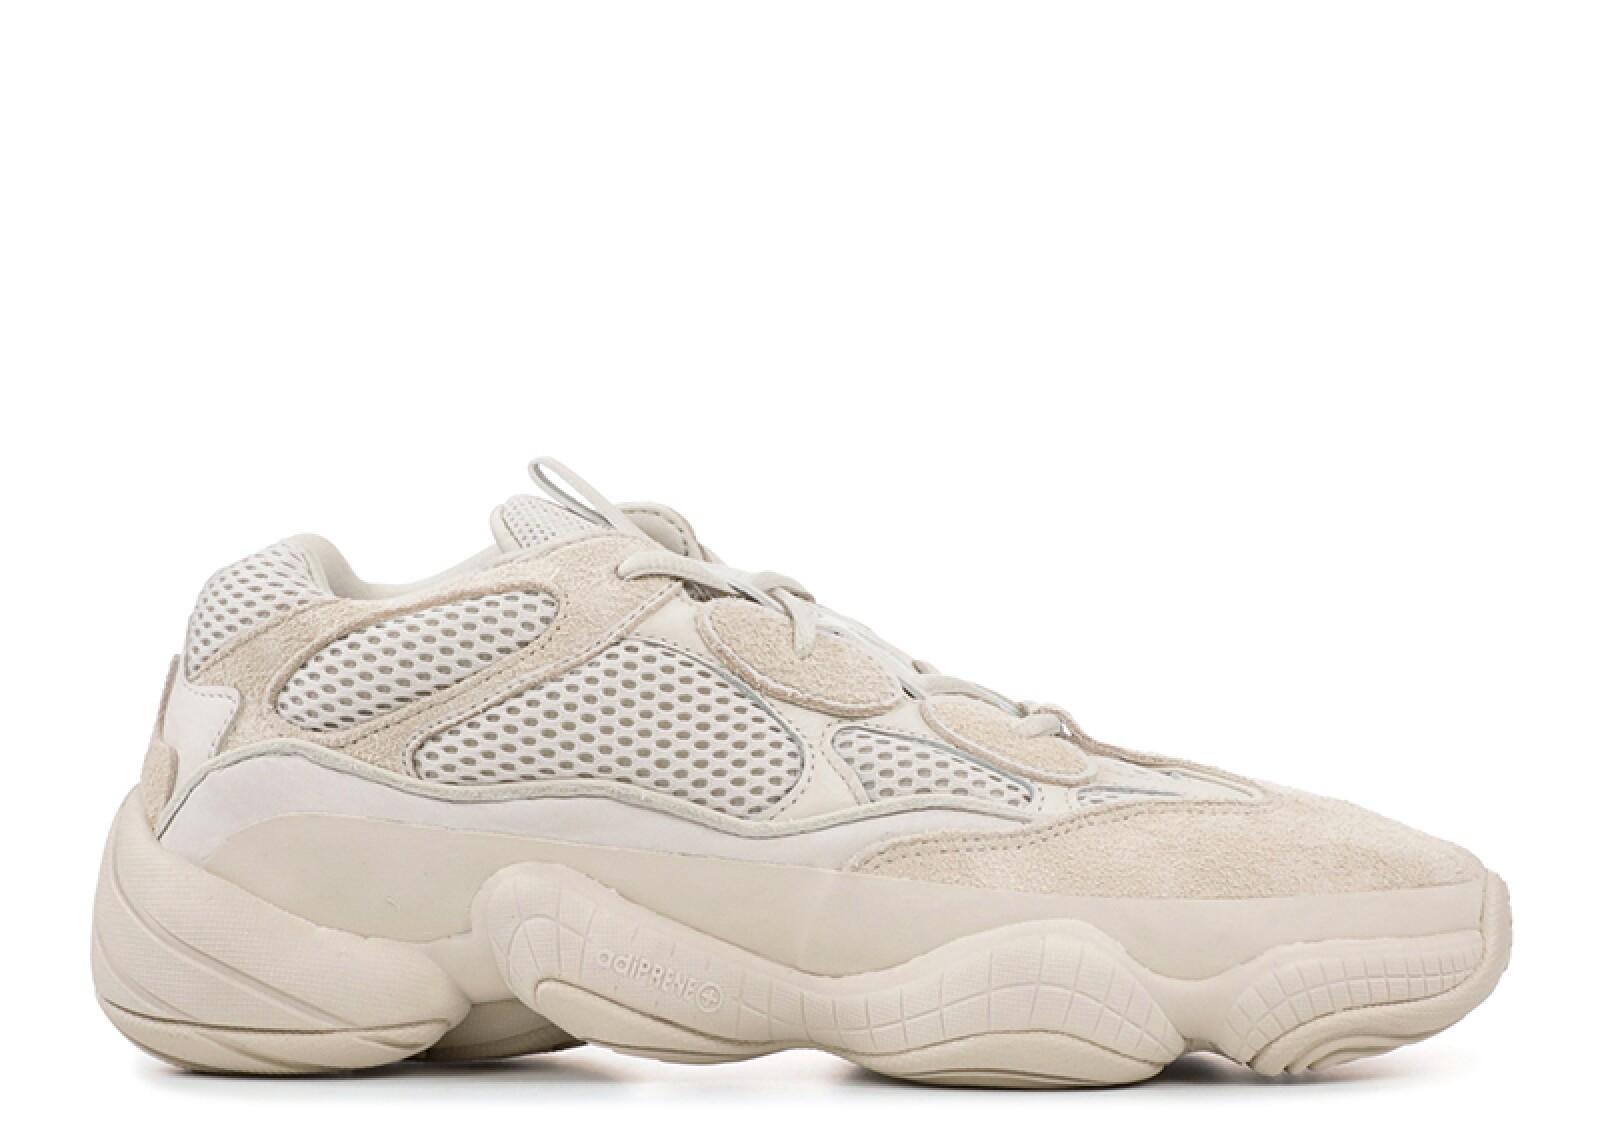 sneakers_26